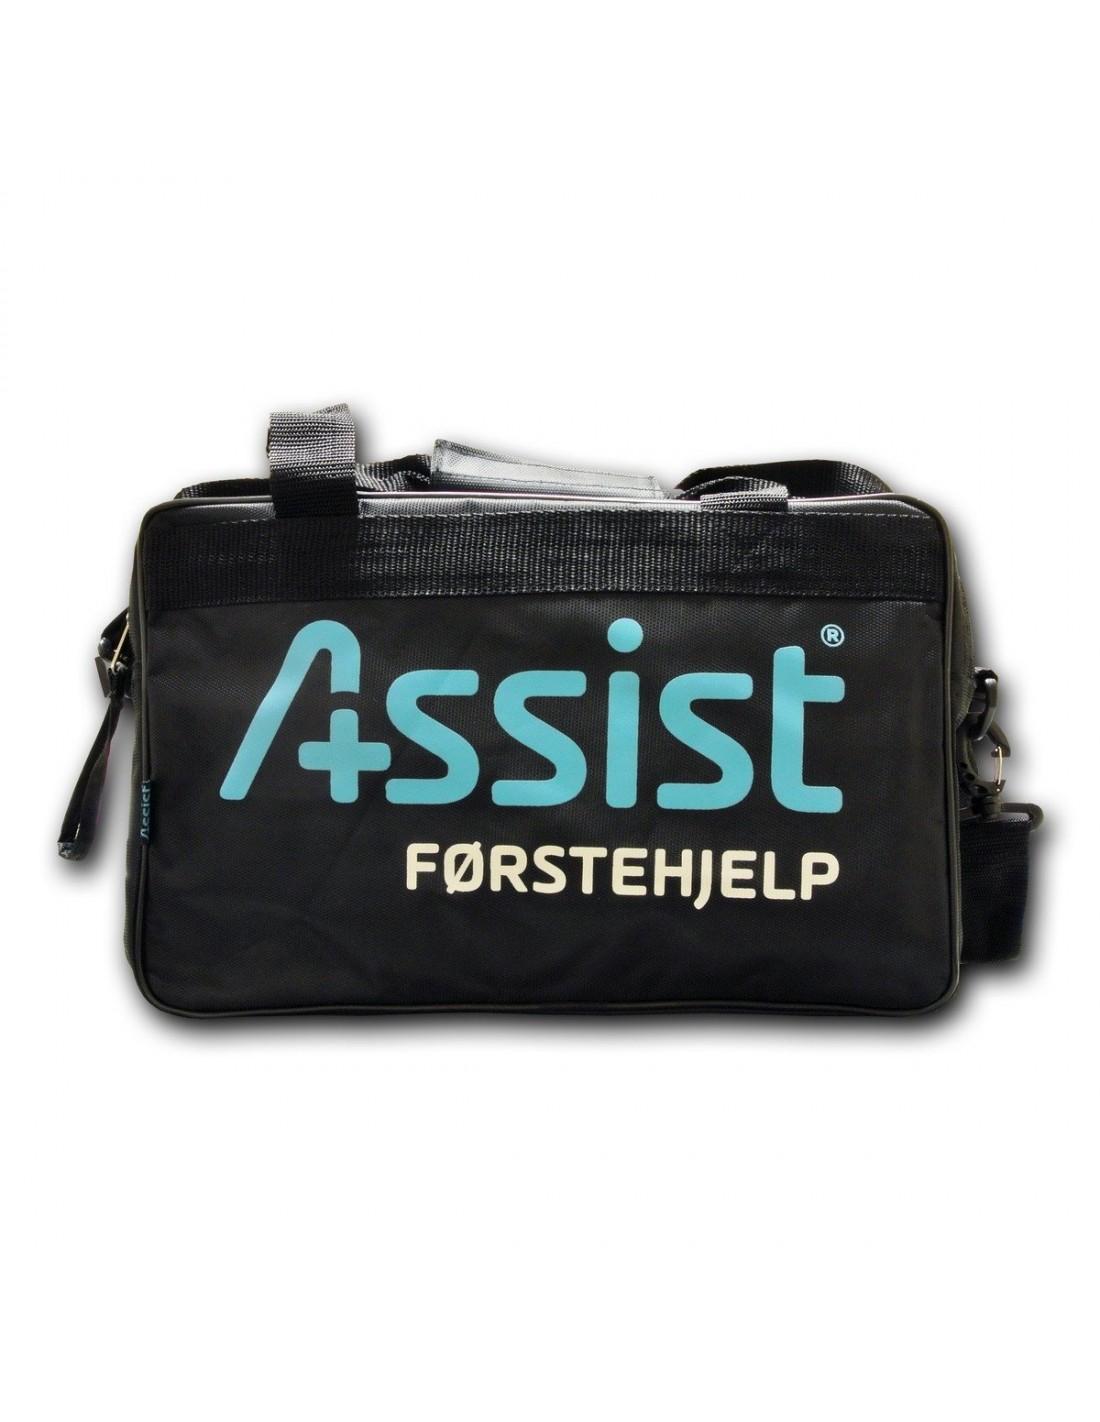 Sportsutstyr Assist Førstehjelpsveske (Uten innhold) 06103101 399 kr